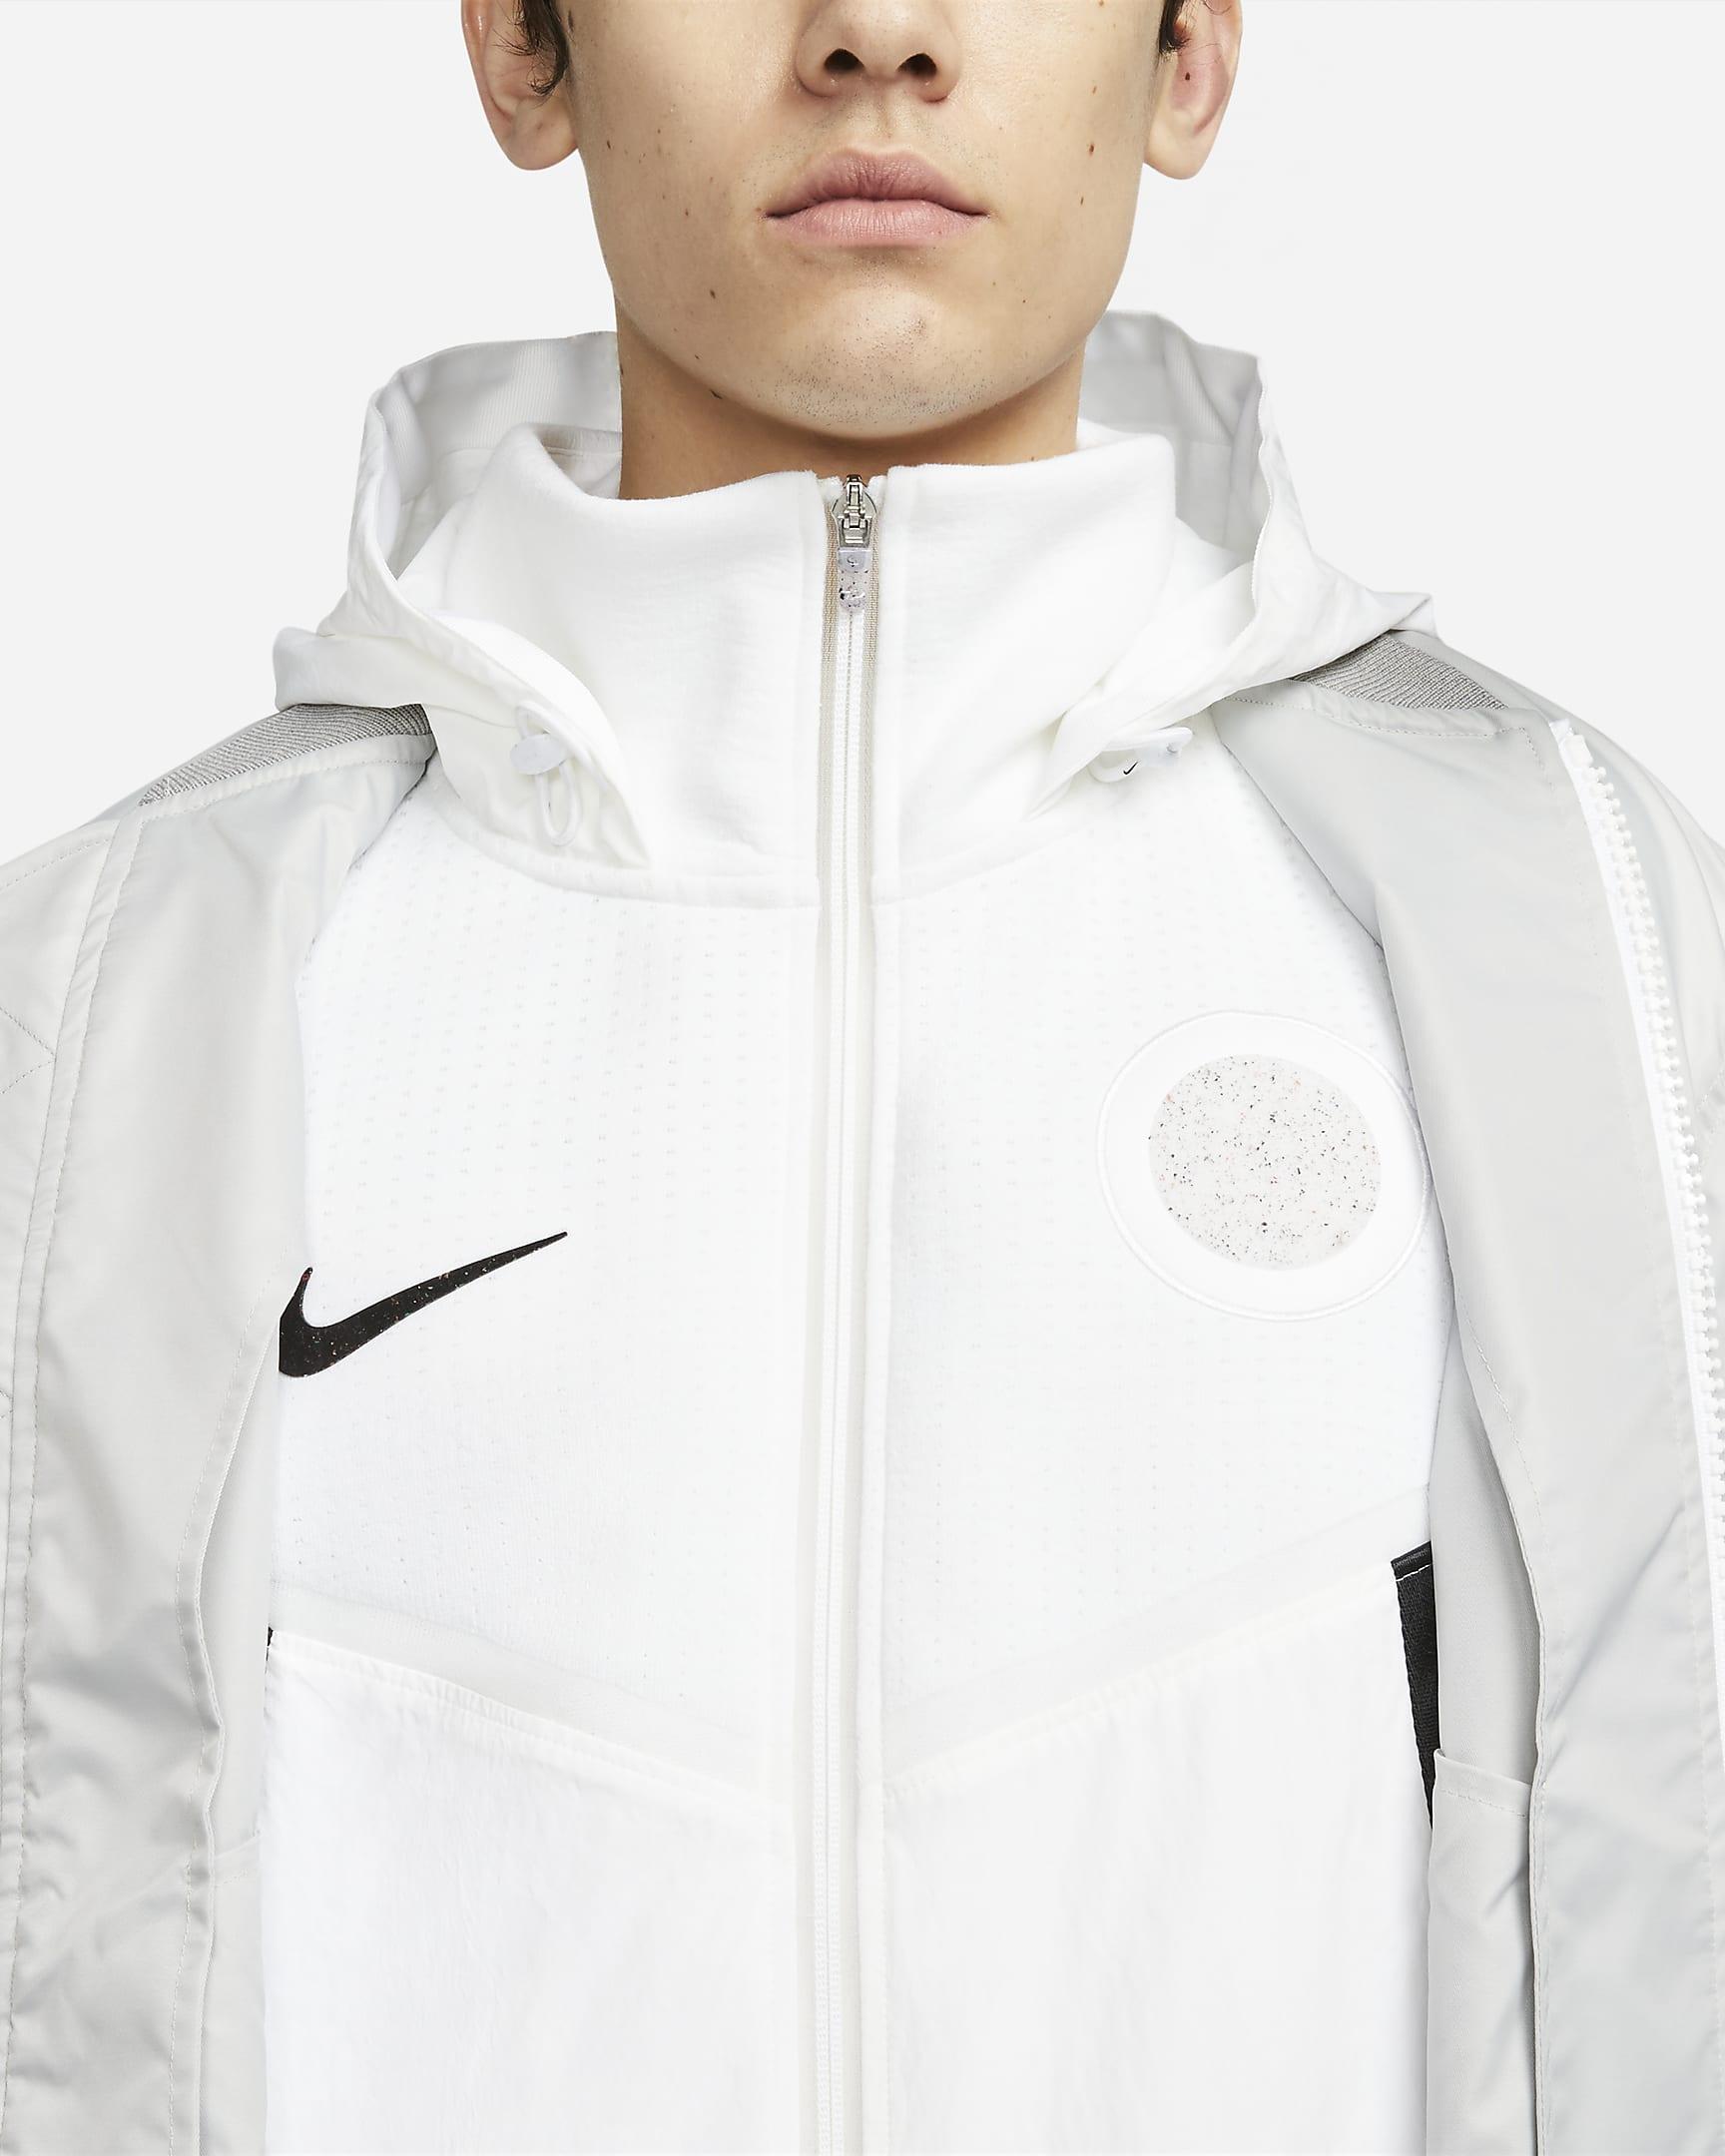 sacai-mens-jacket-Sm6C4c-7.png